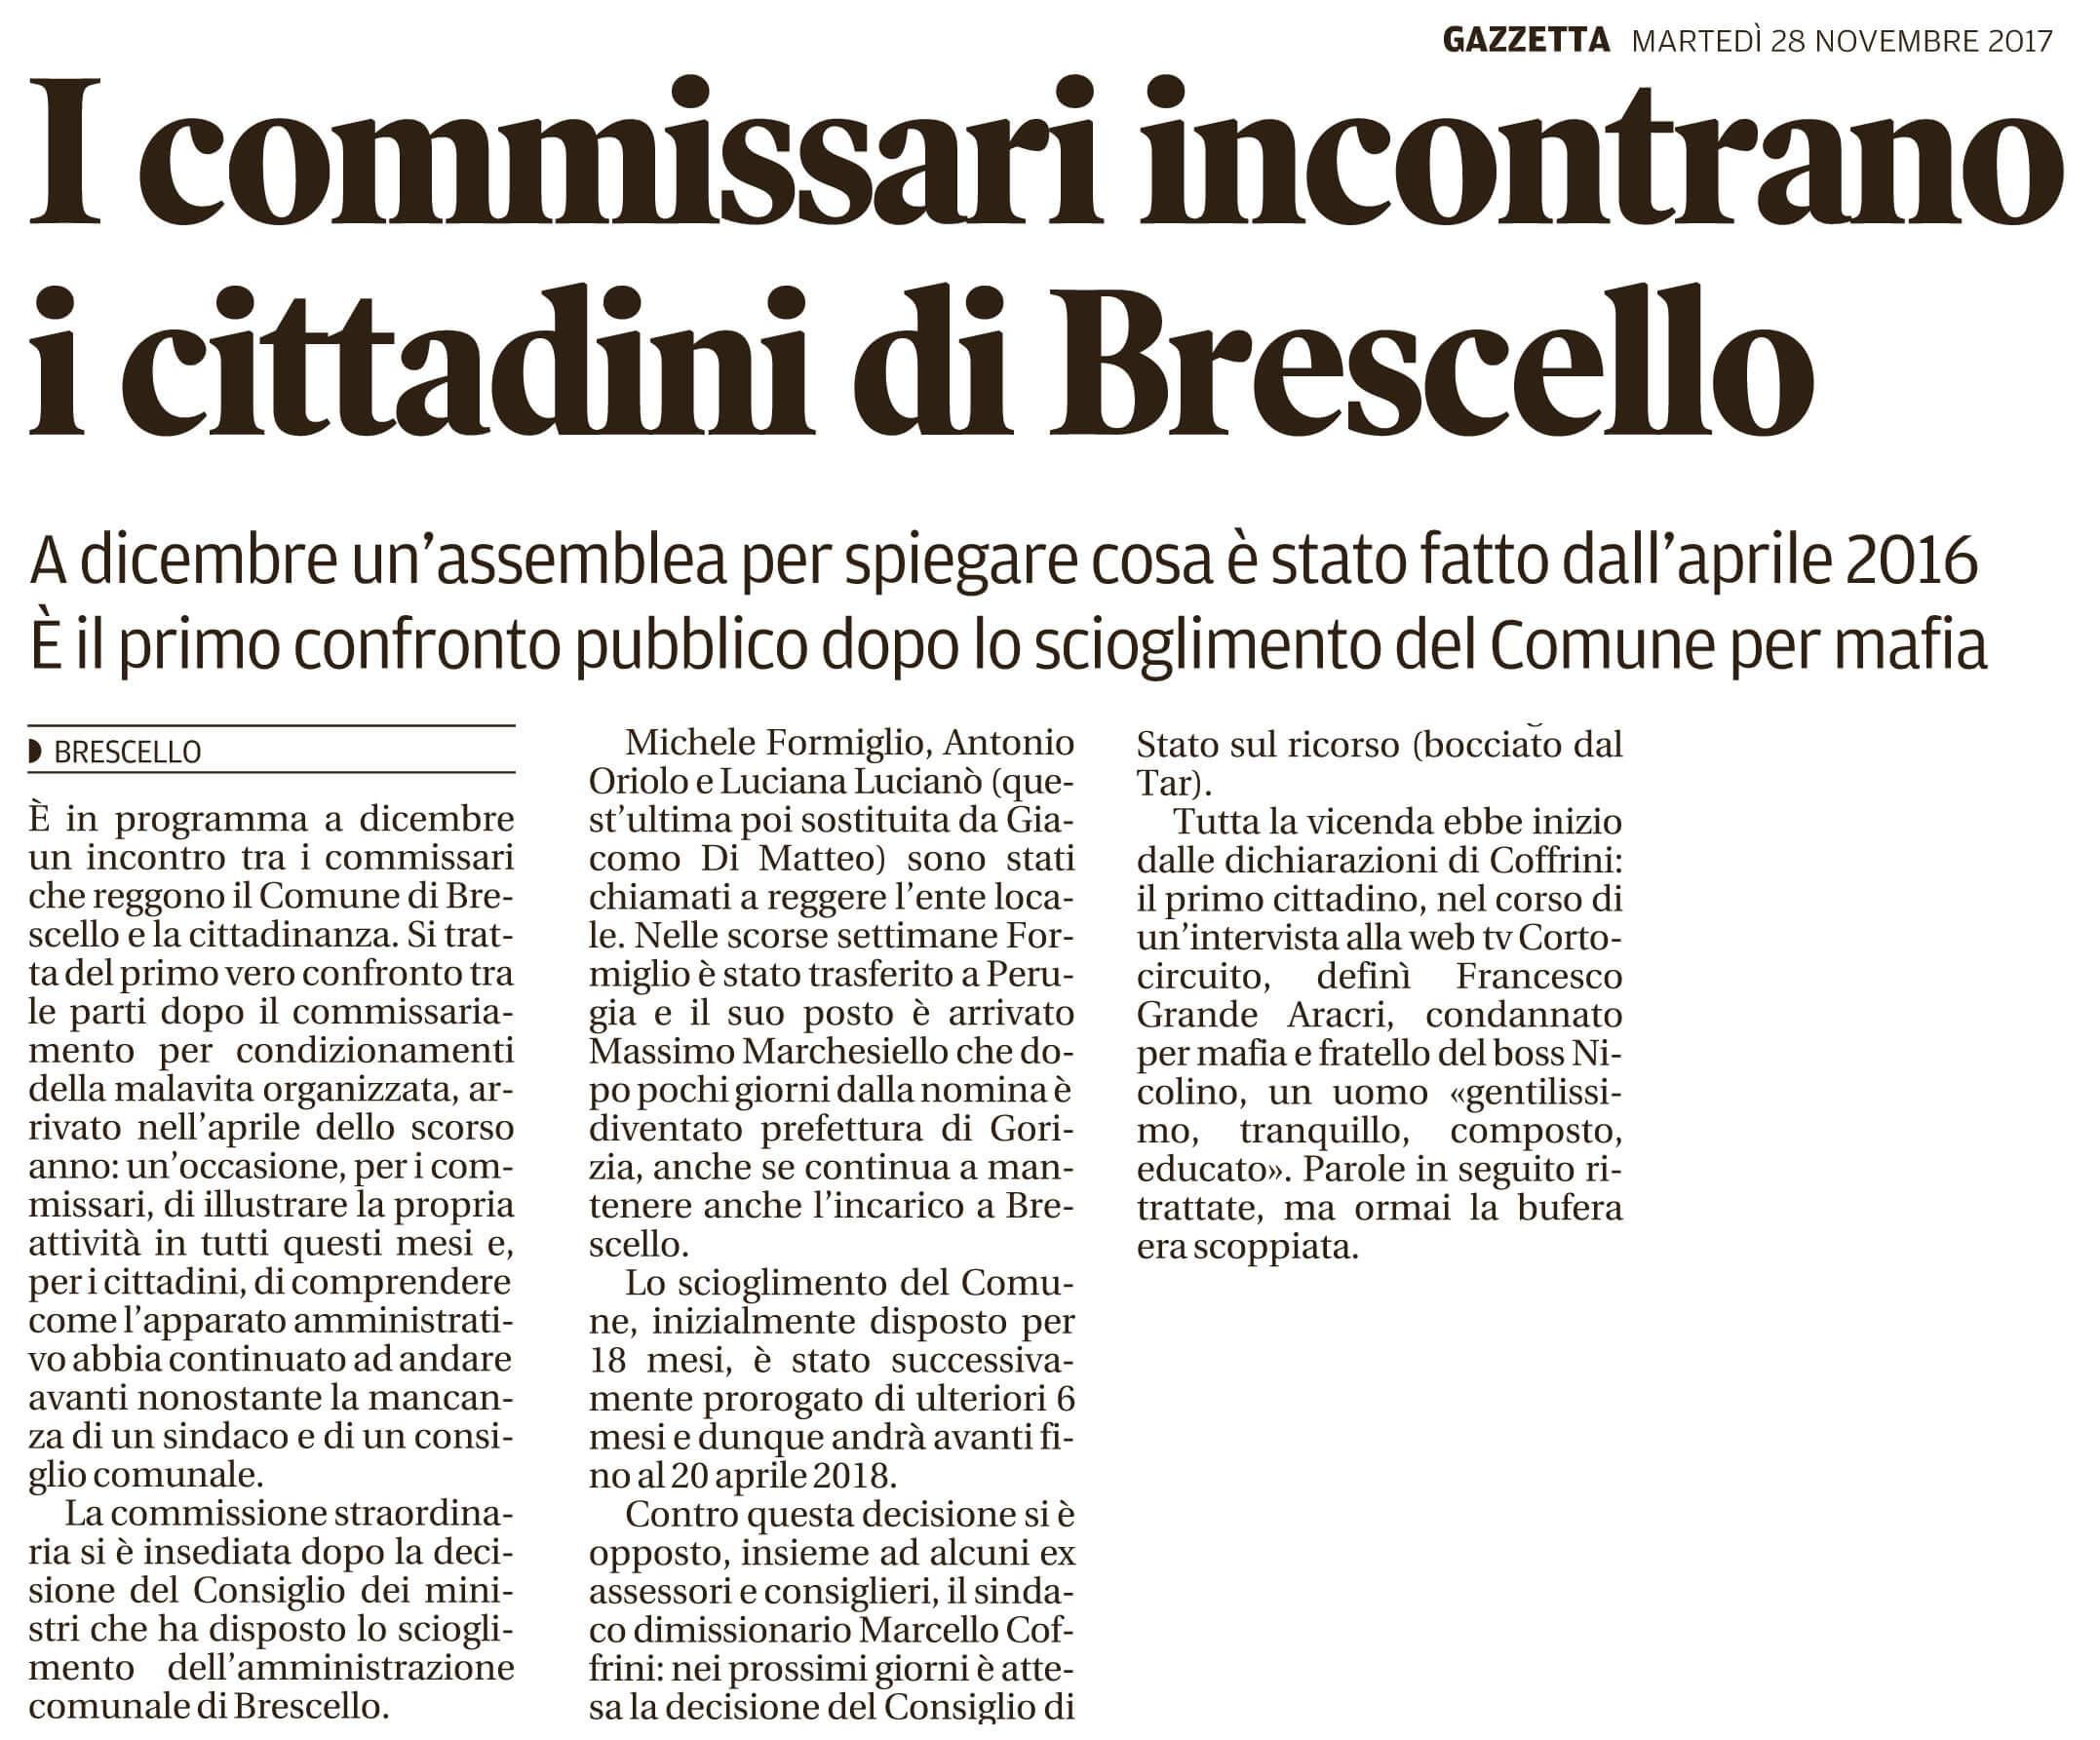 I commissari incontrano Brescello